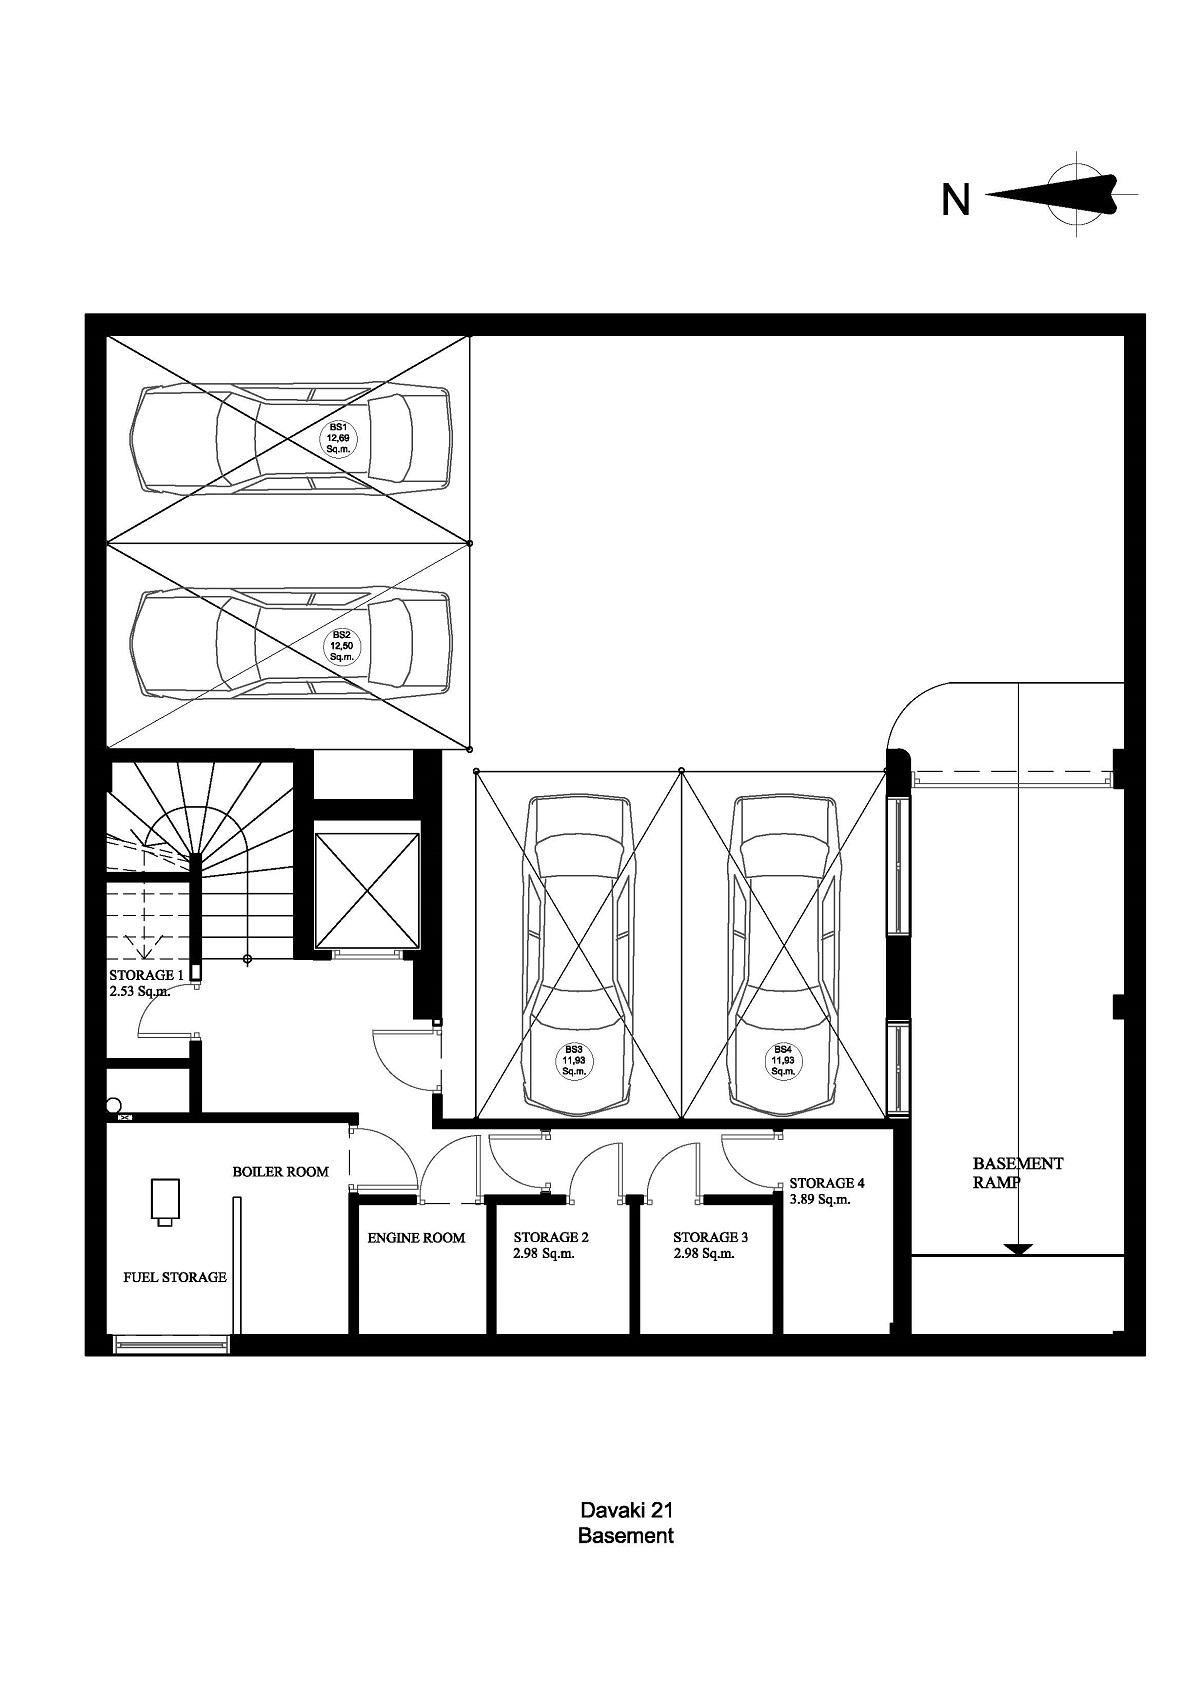 Davaki 21 basement plan